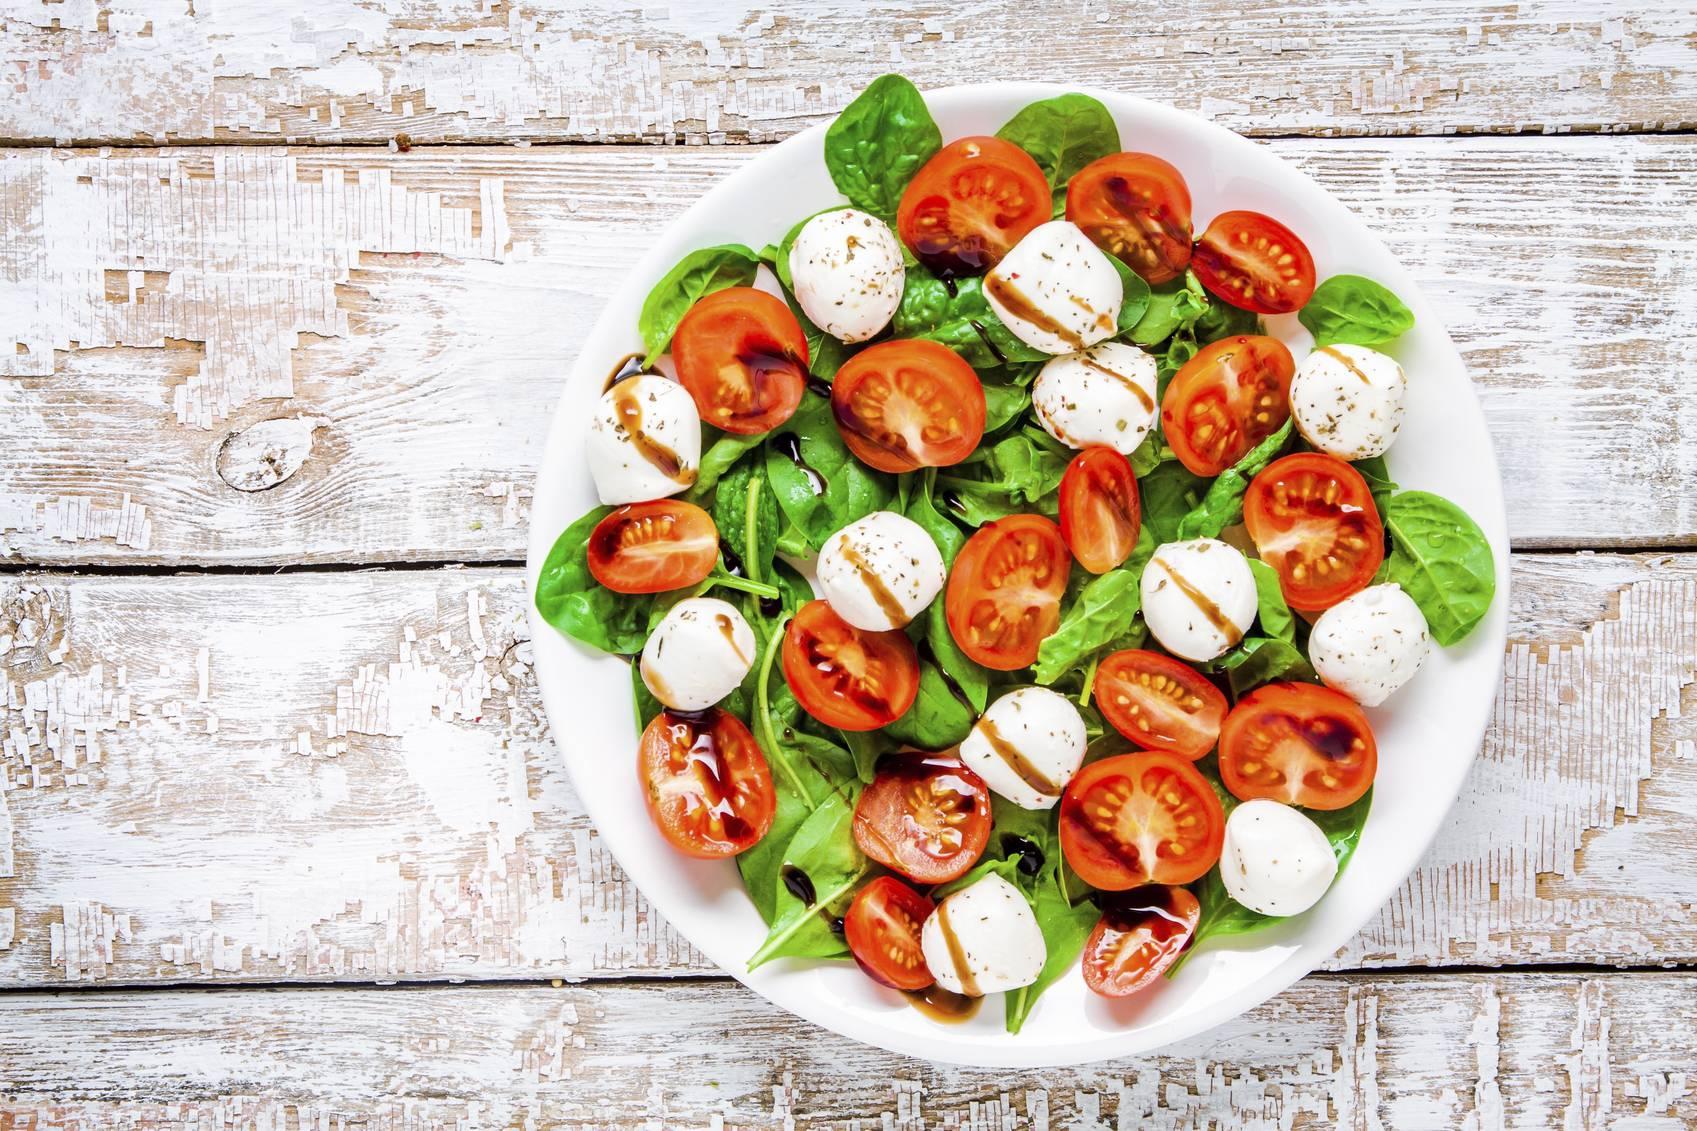 Insalata di pomodori, mozzarella e basilico